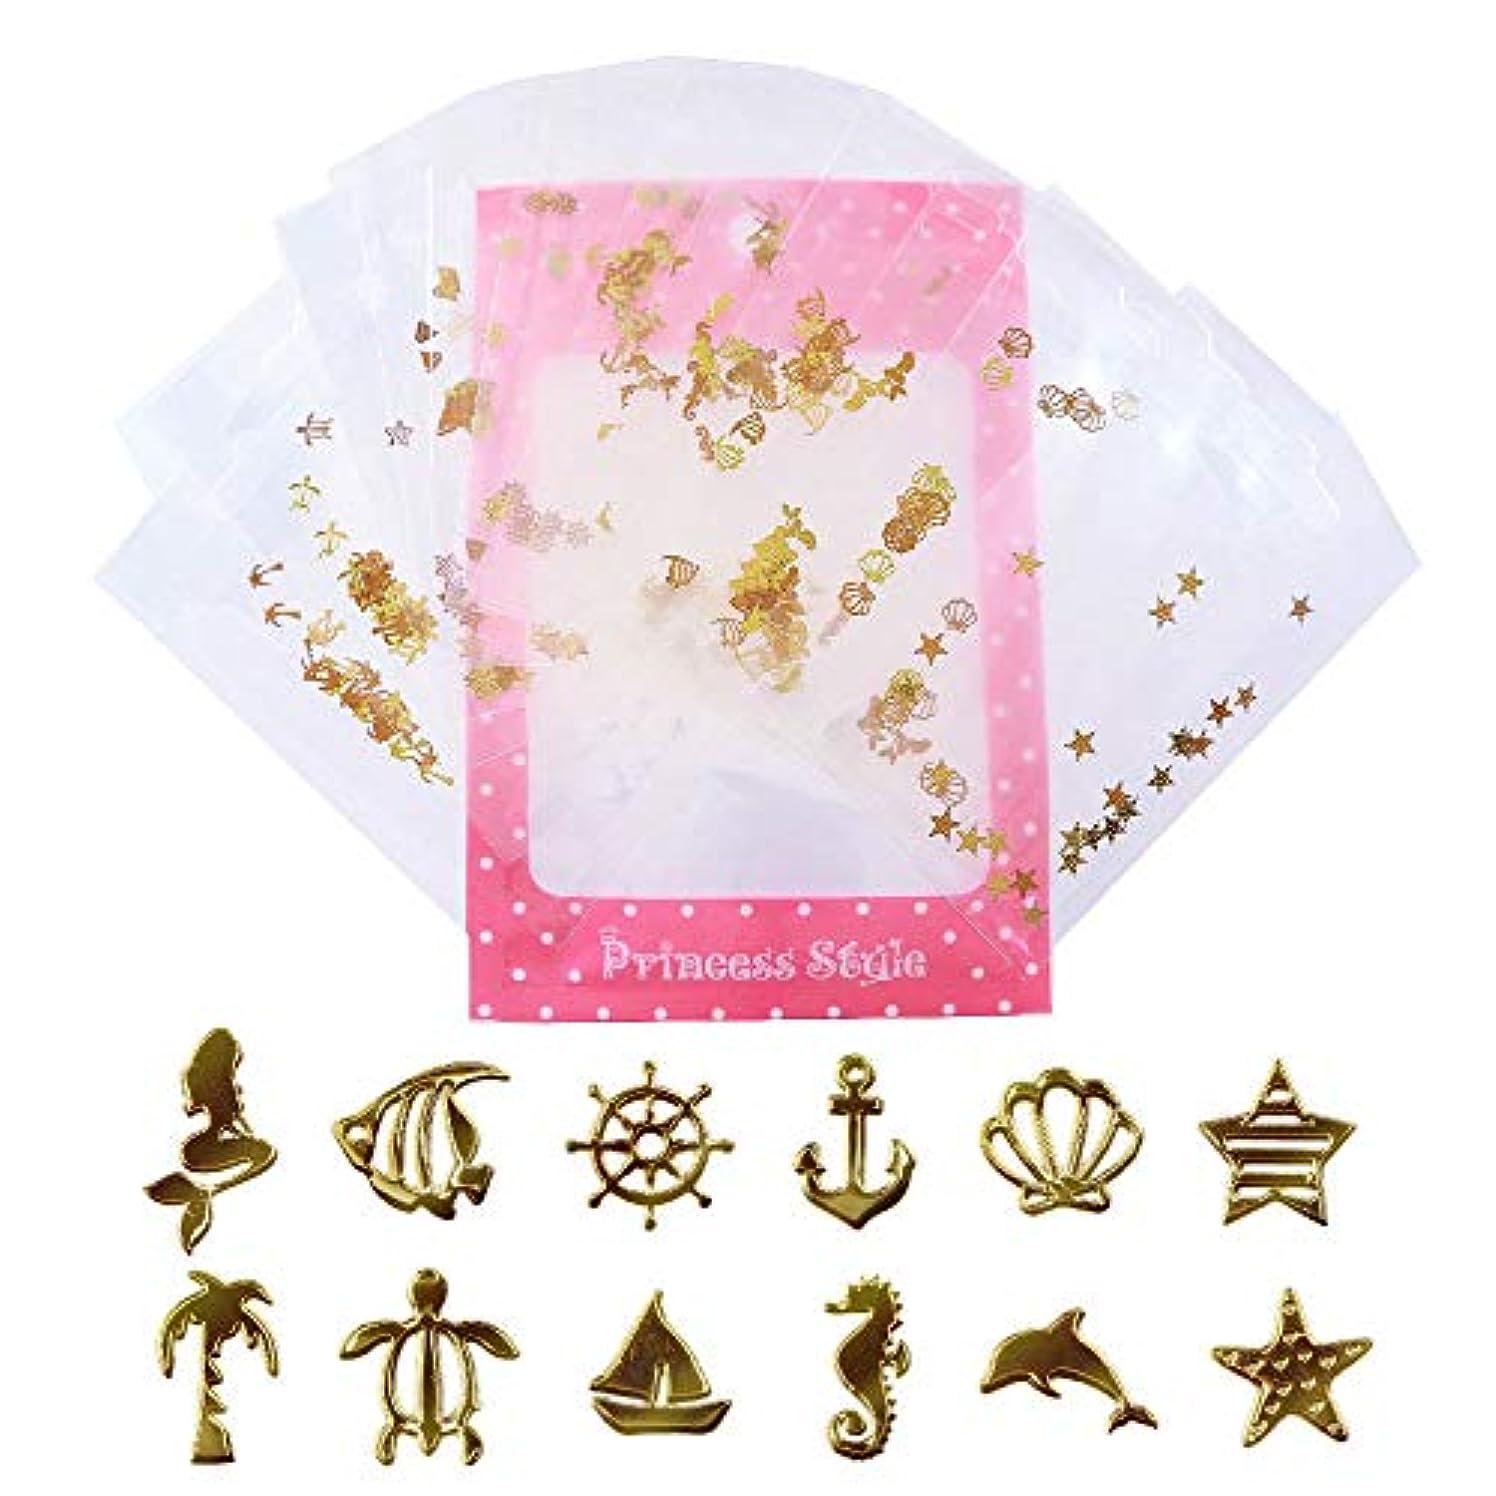 忍耐ミスアクロバット薄型 アート パーツ ゴールド ネイル&レジン用 マリンパーツ 12種類300枚セット 袋入り